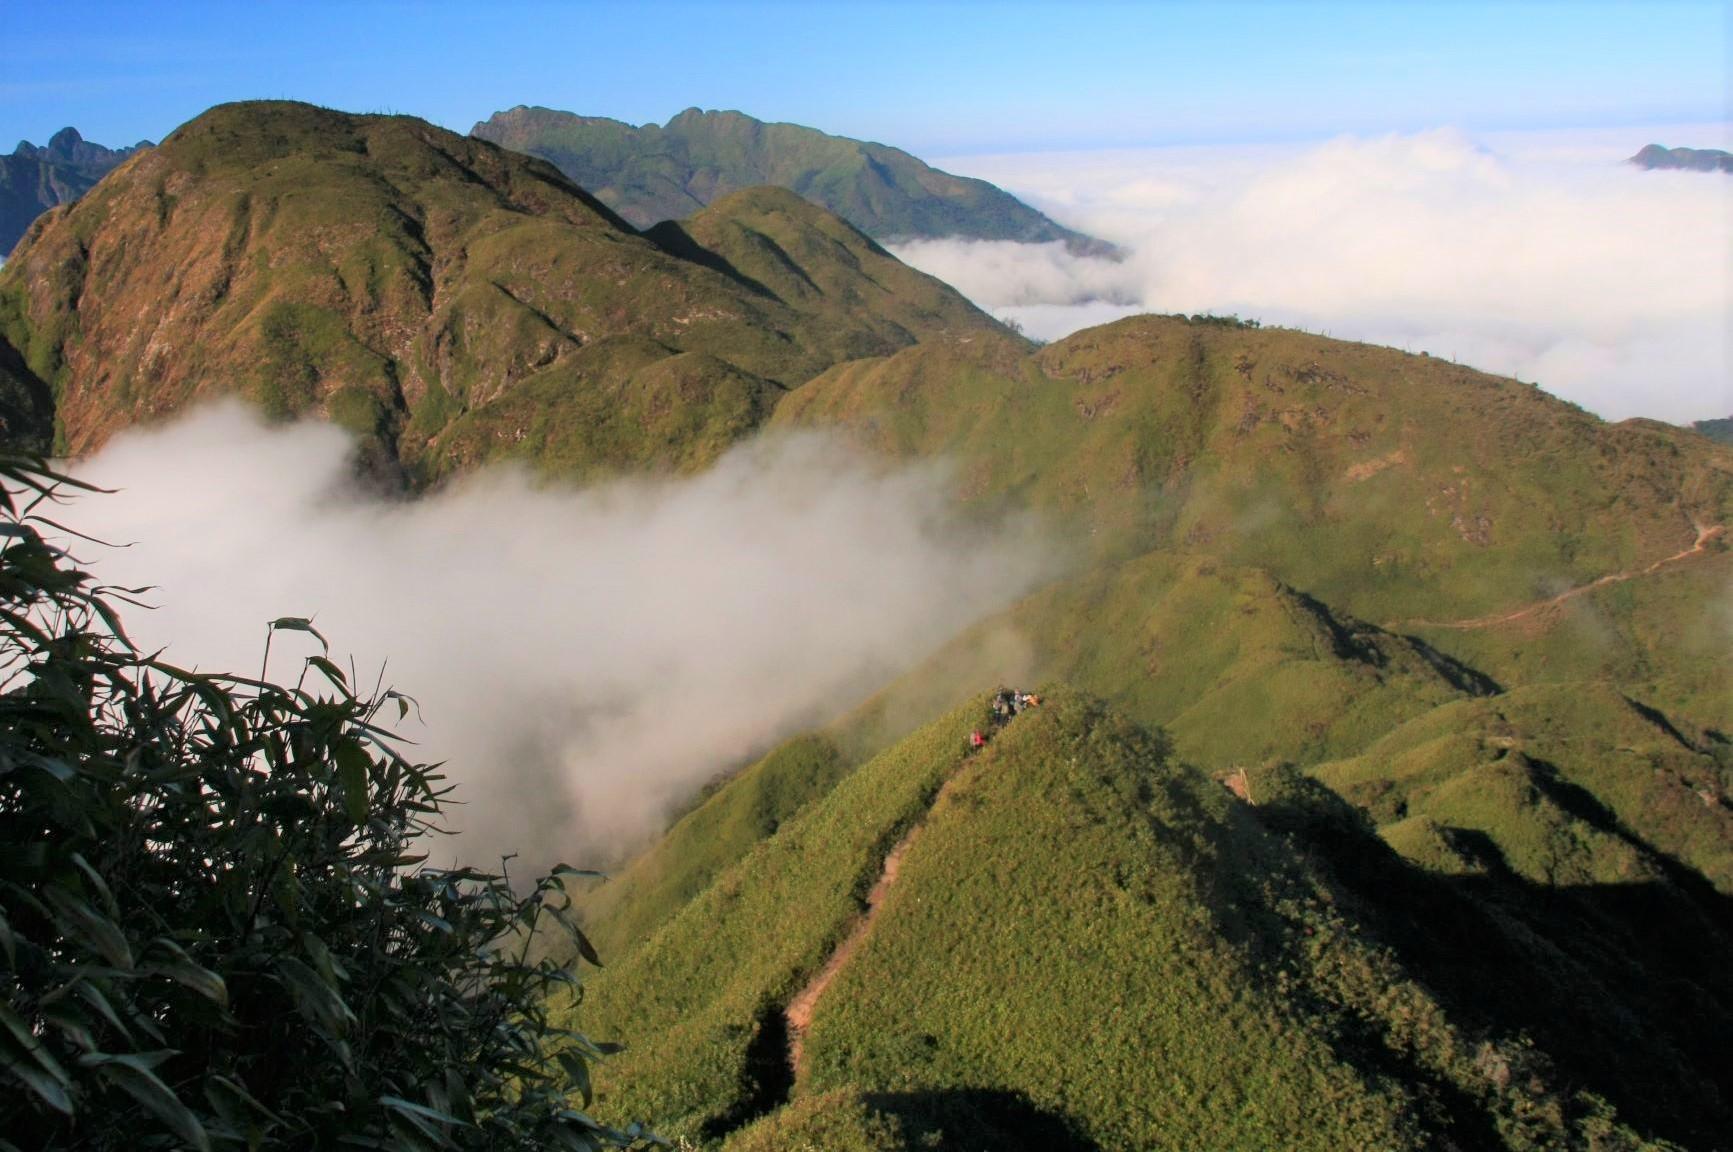 【催行間近・大募集中】3月19日出発 ベトナム最高峰ファンシーパン登頂とハロン湾ワンナイト・クルーズ 8日間